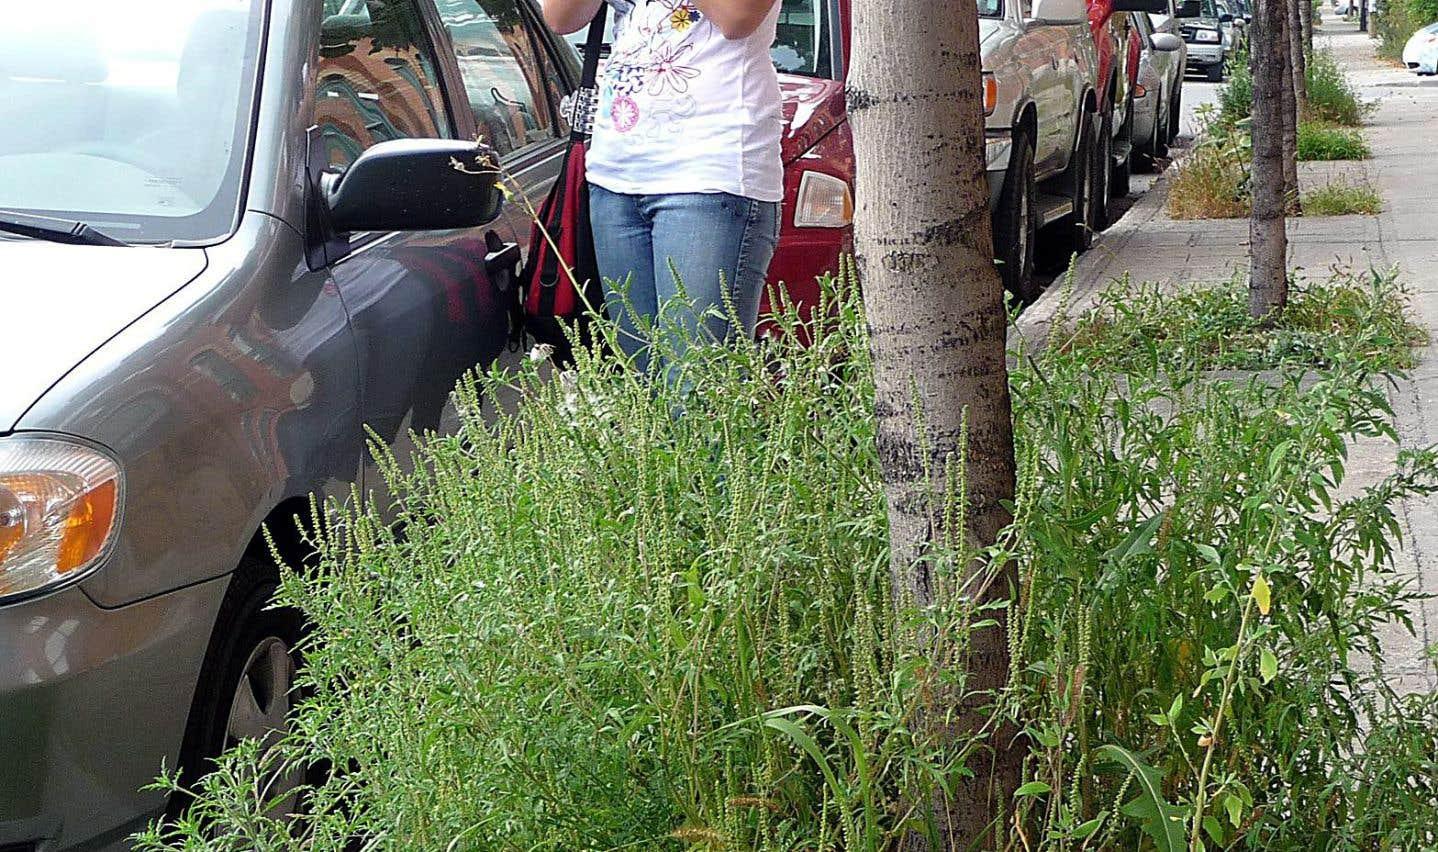 Depuis 2006, Elisabeth Levac réalise un suivi des concentrations du pollen des érables, des bouleaux, des pins, des chênes, de l'herbe à poux et de bien d'autres plantes, dans l'air sherbrookois.